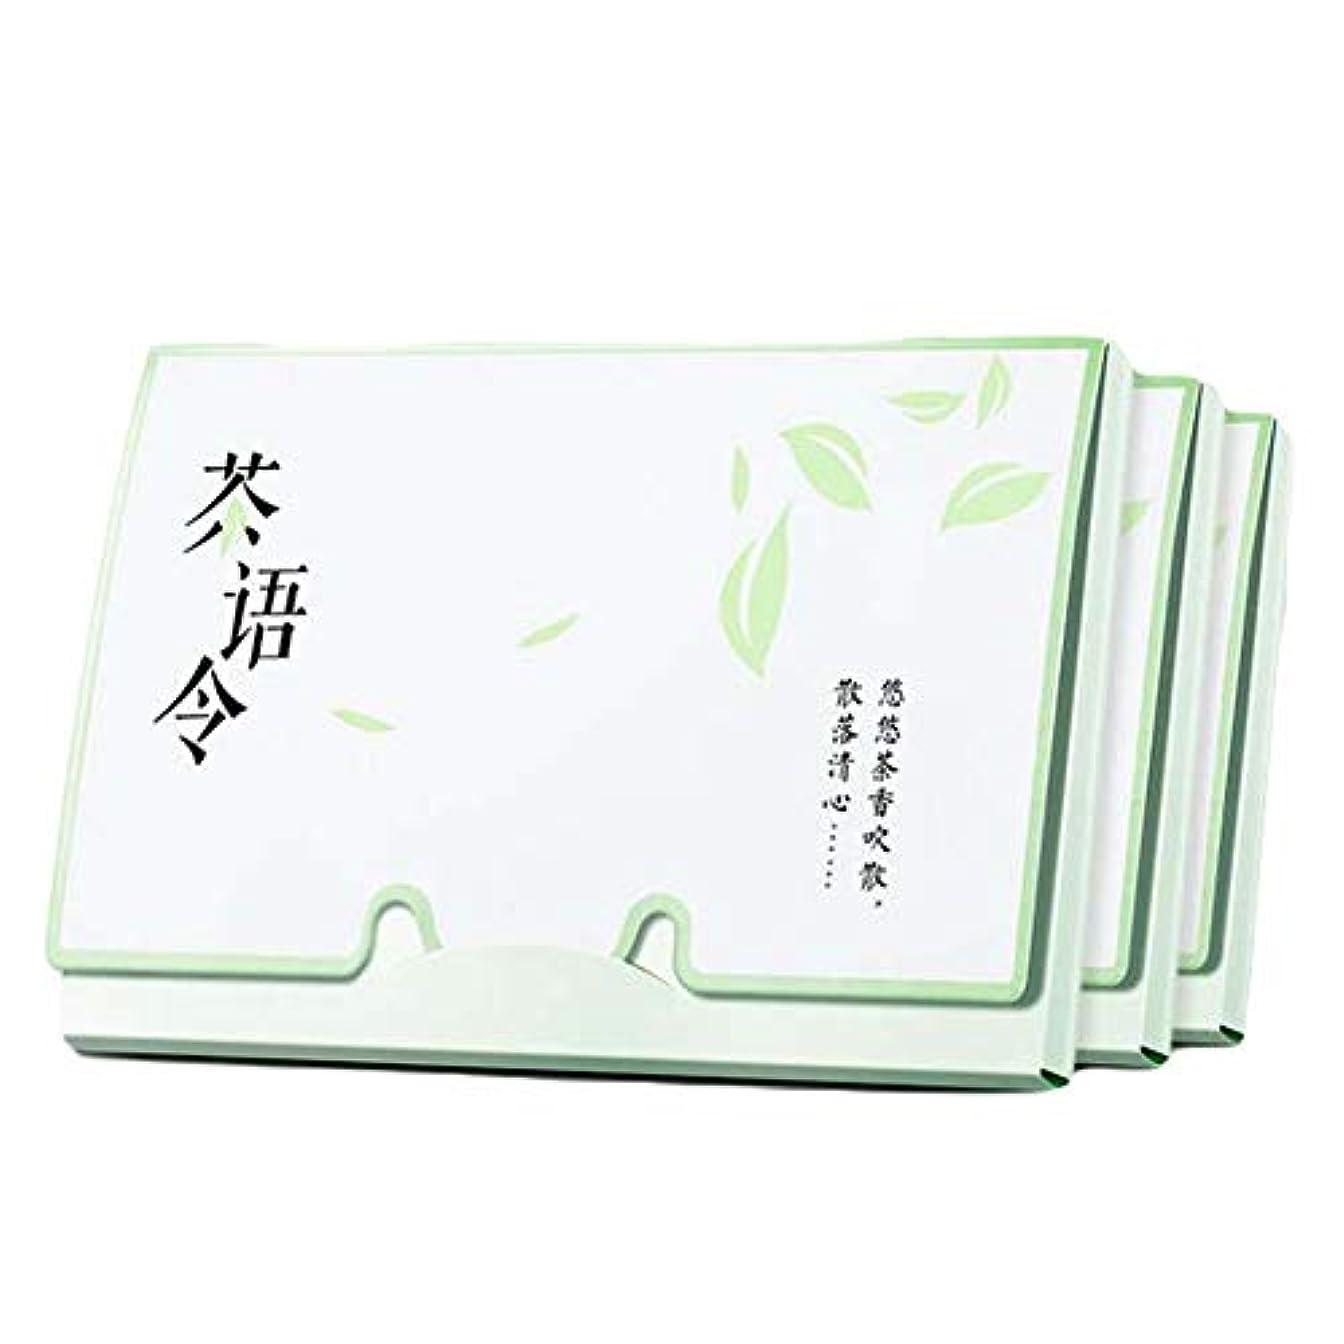 緑茶女性顔オイル吸収シート、300枚